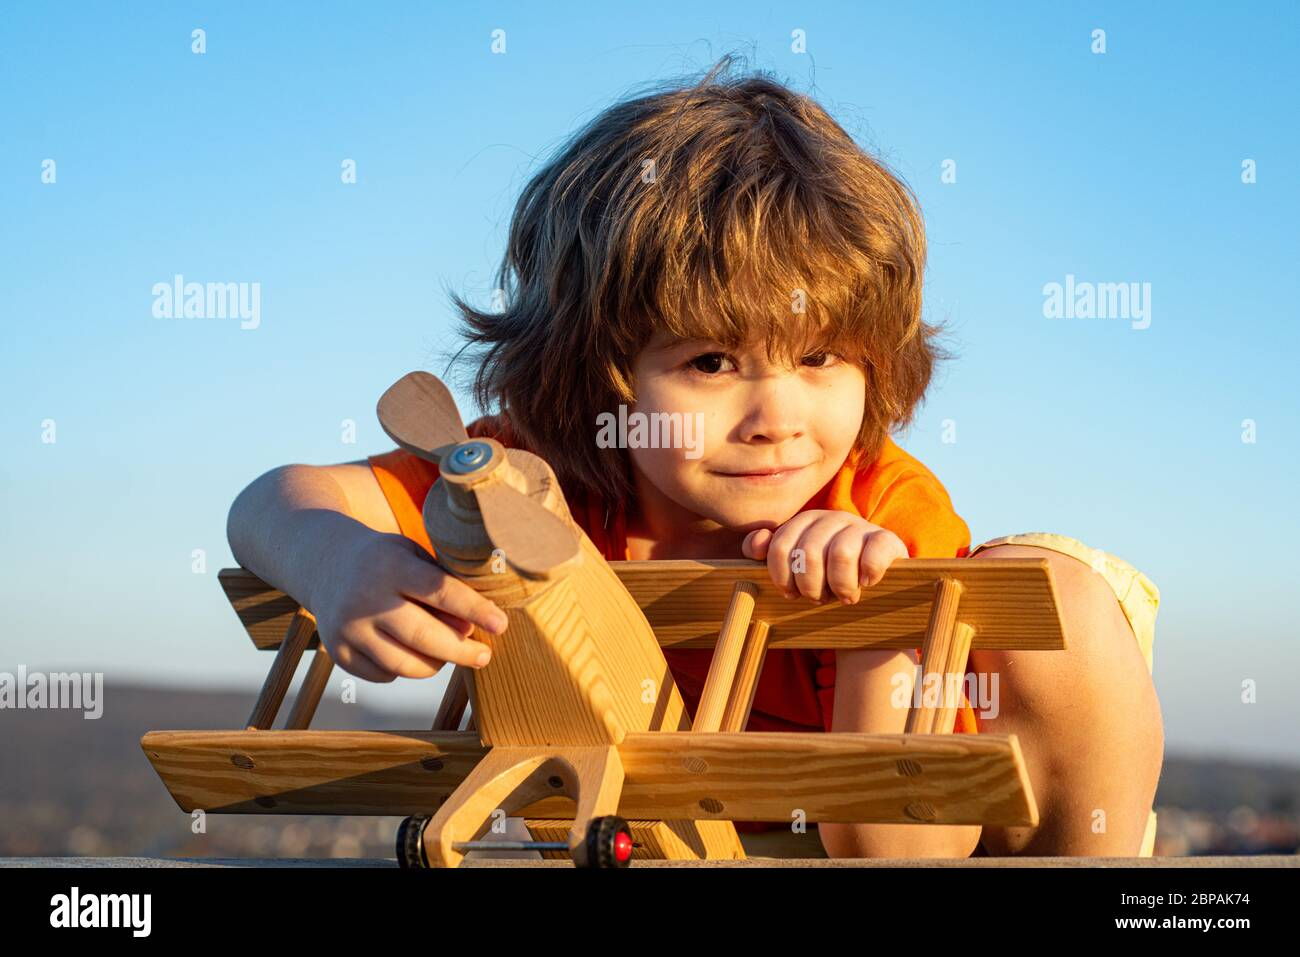 Glückliches Kind träumt vom Reisen und Spielen mit Spielzeugflugzeug. Kleiner Flieger im Freien vor blauem Sommerhimmel Hintergrund. Kinderträume Stockfoto